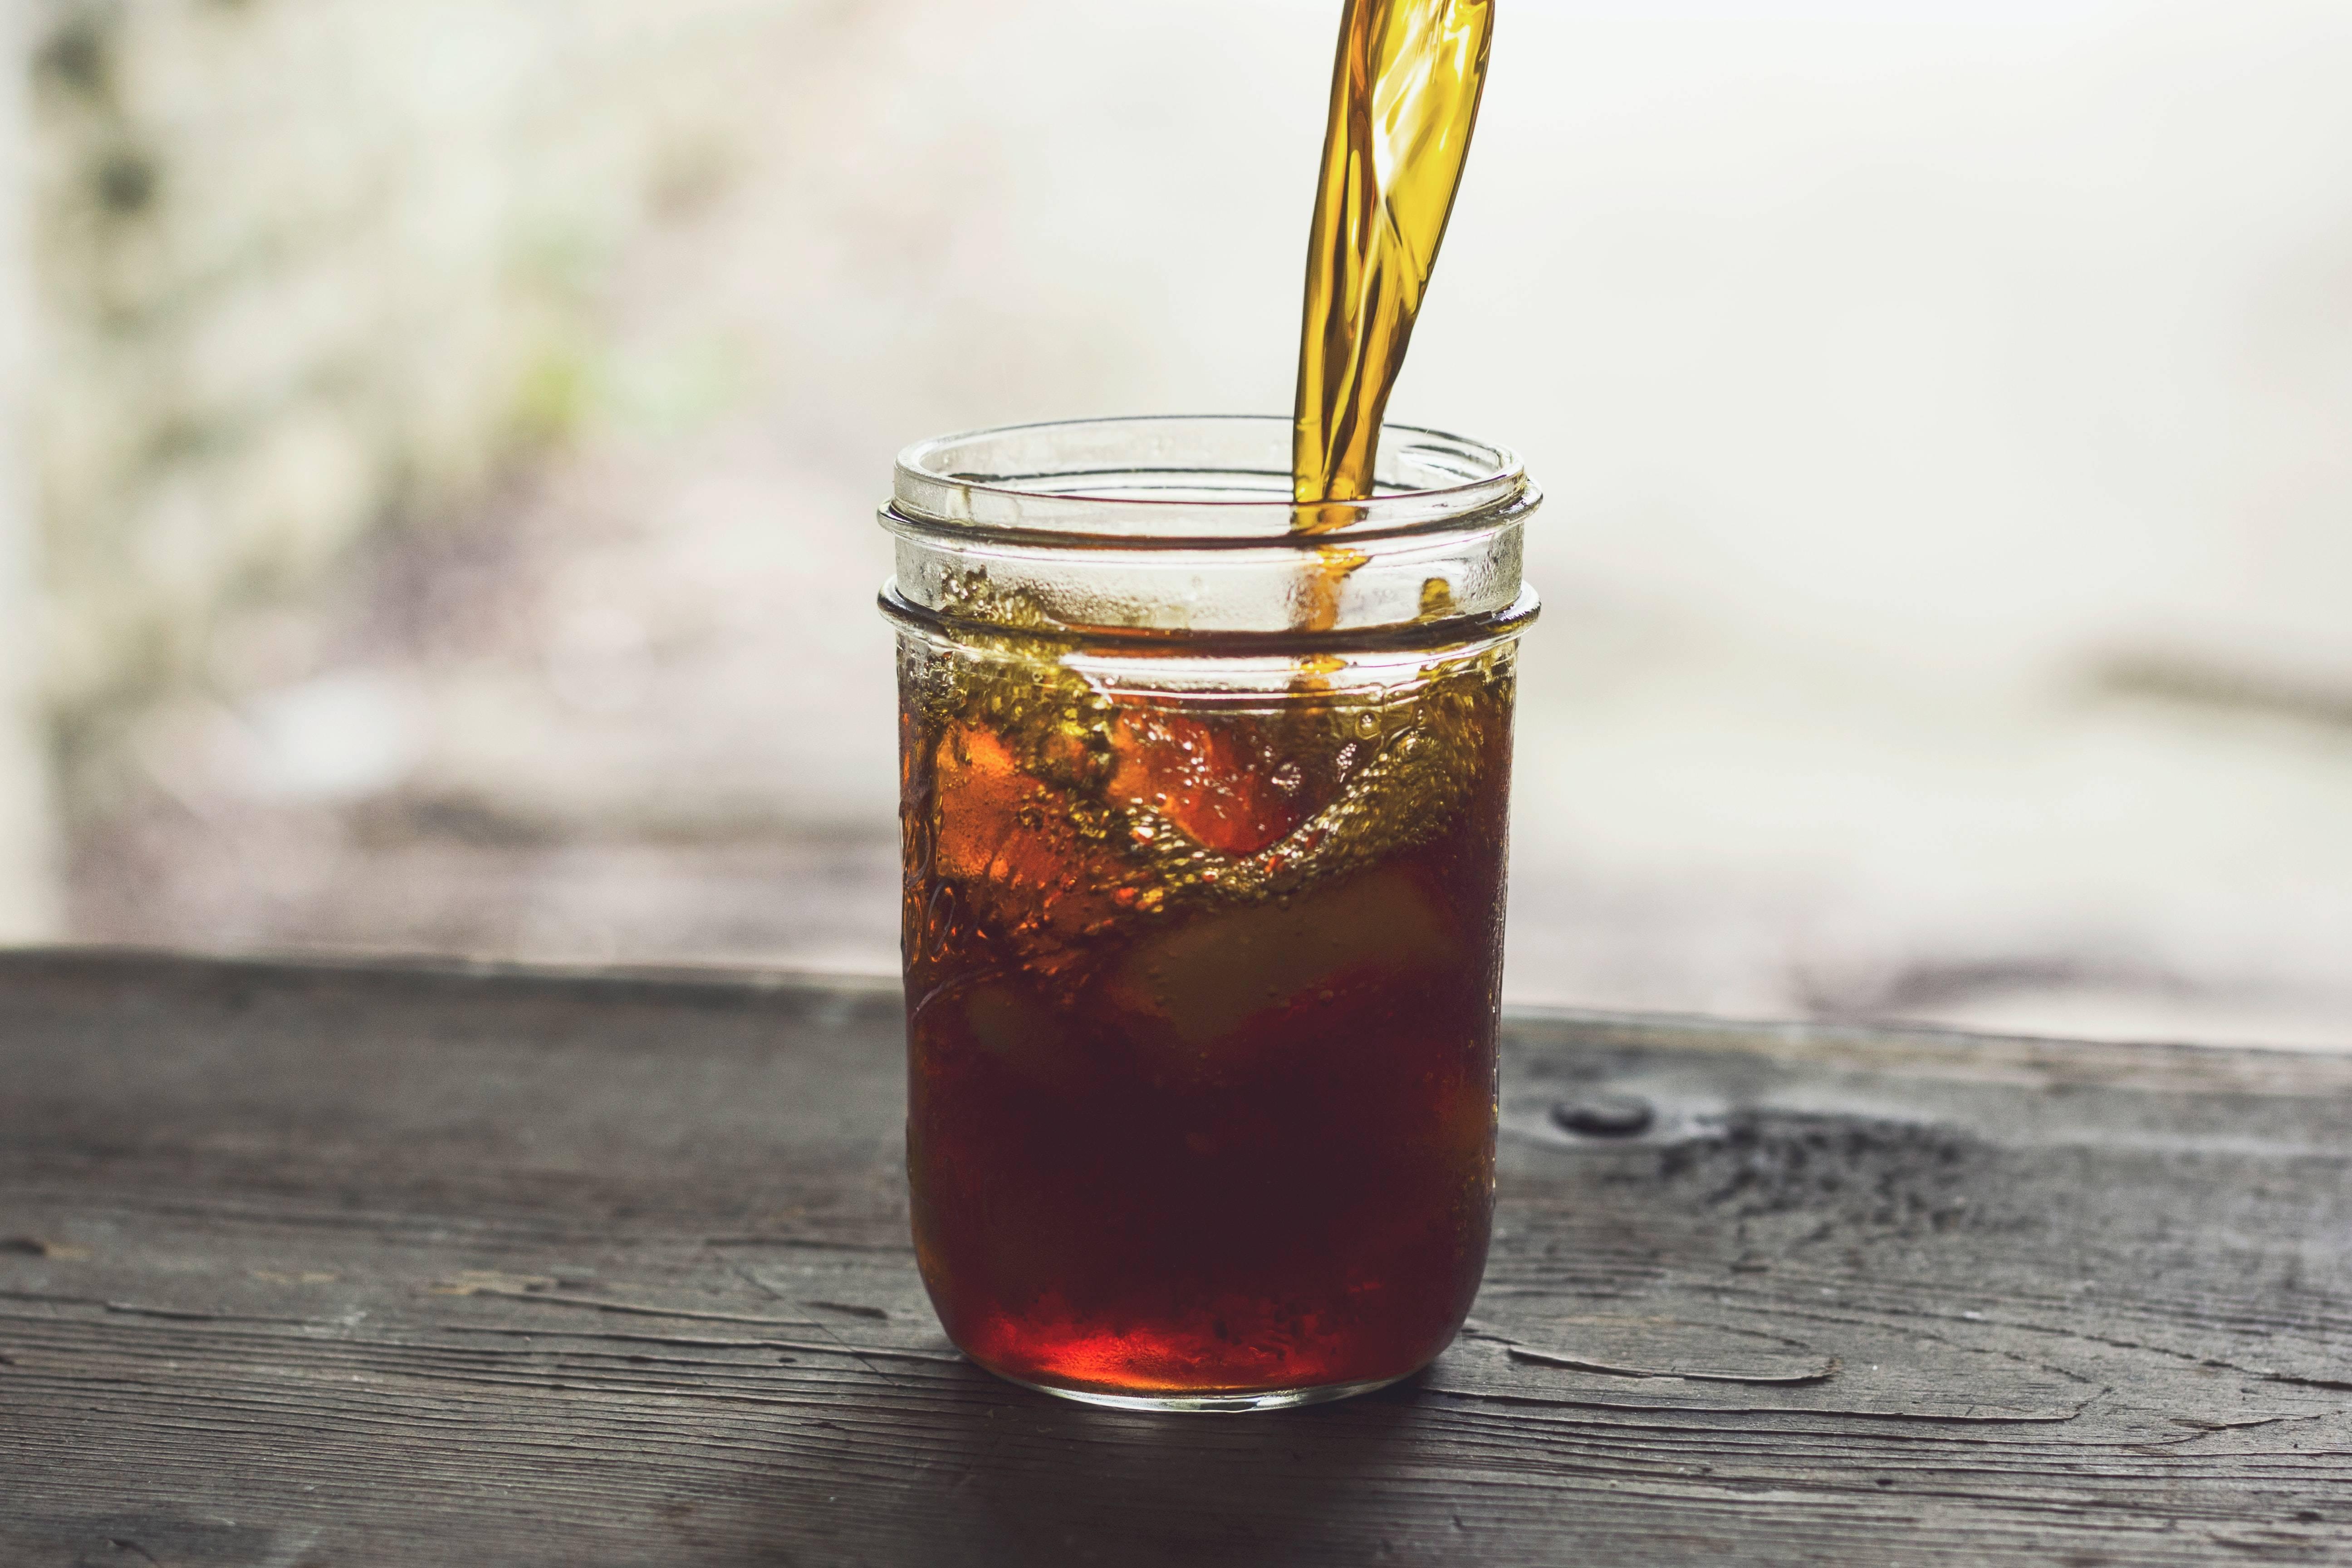 Кофе с зефирками маршмеллоу: рецепты в домашних условиях, отзывы